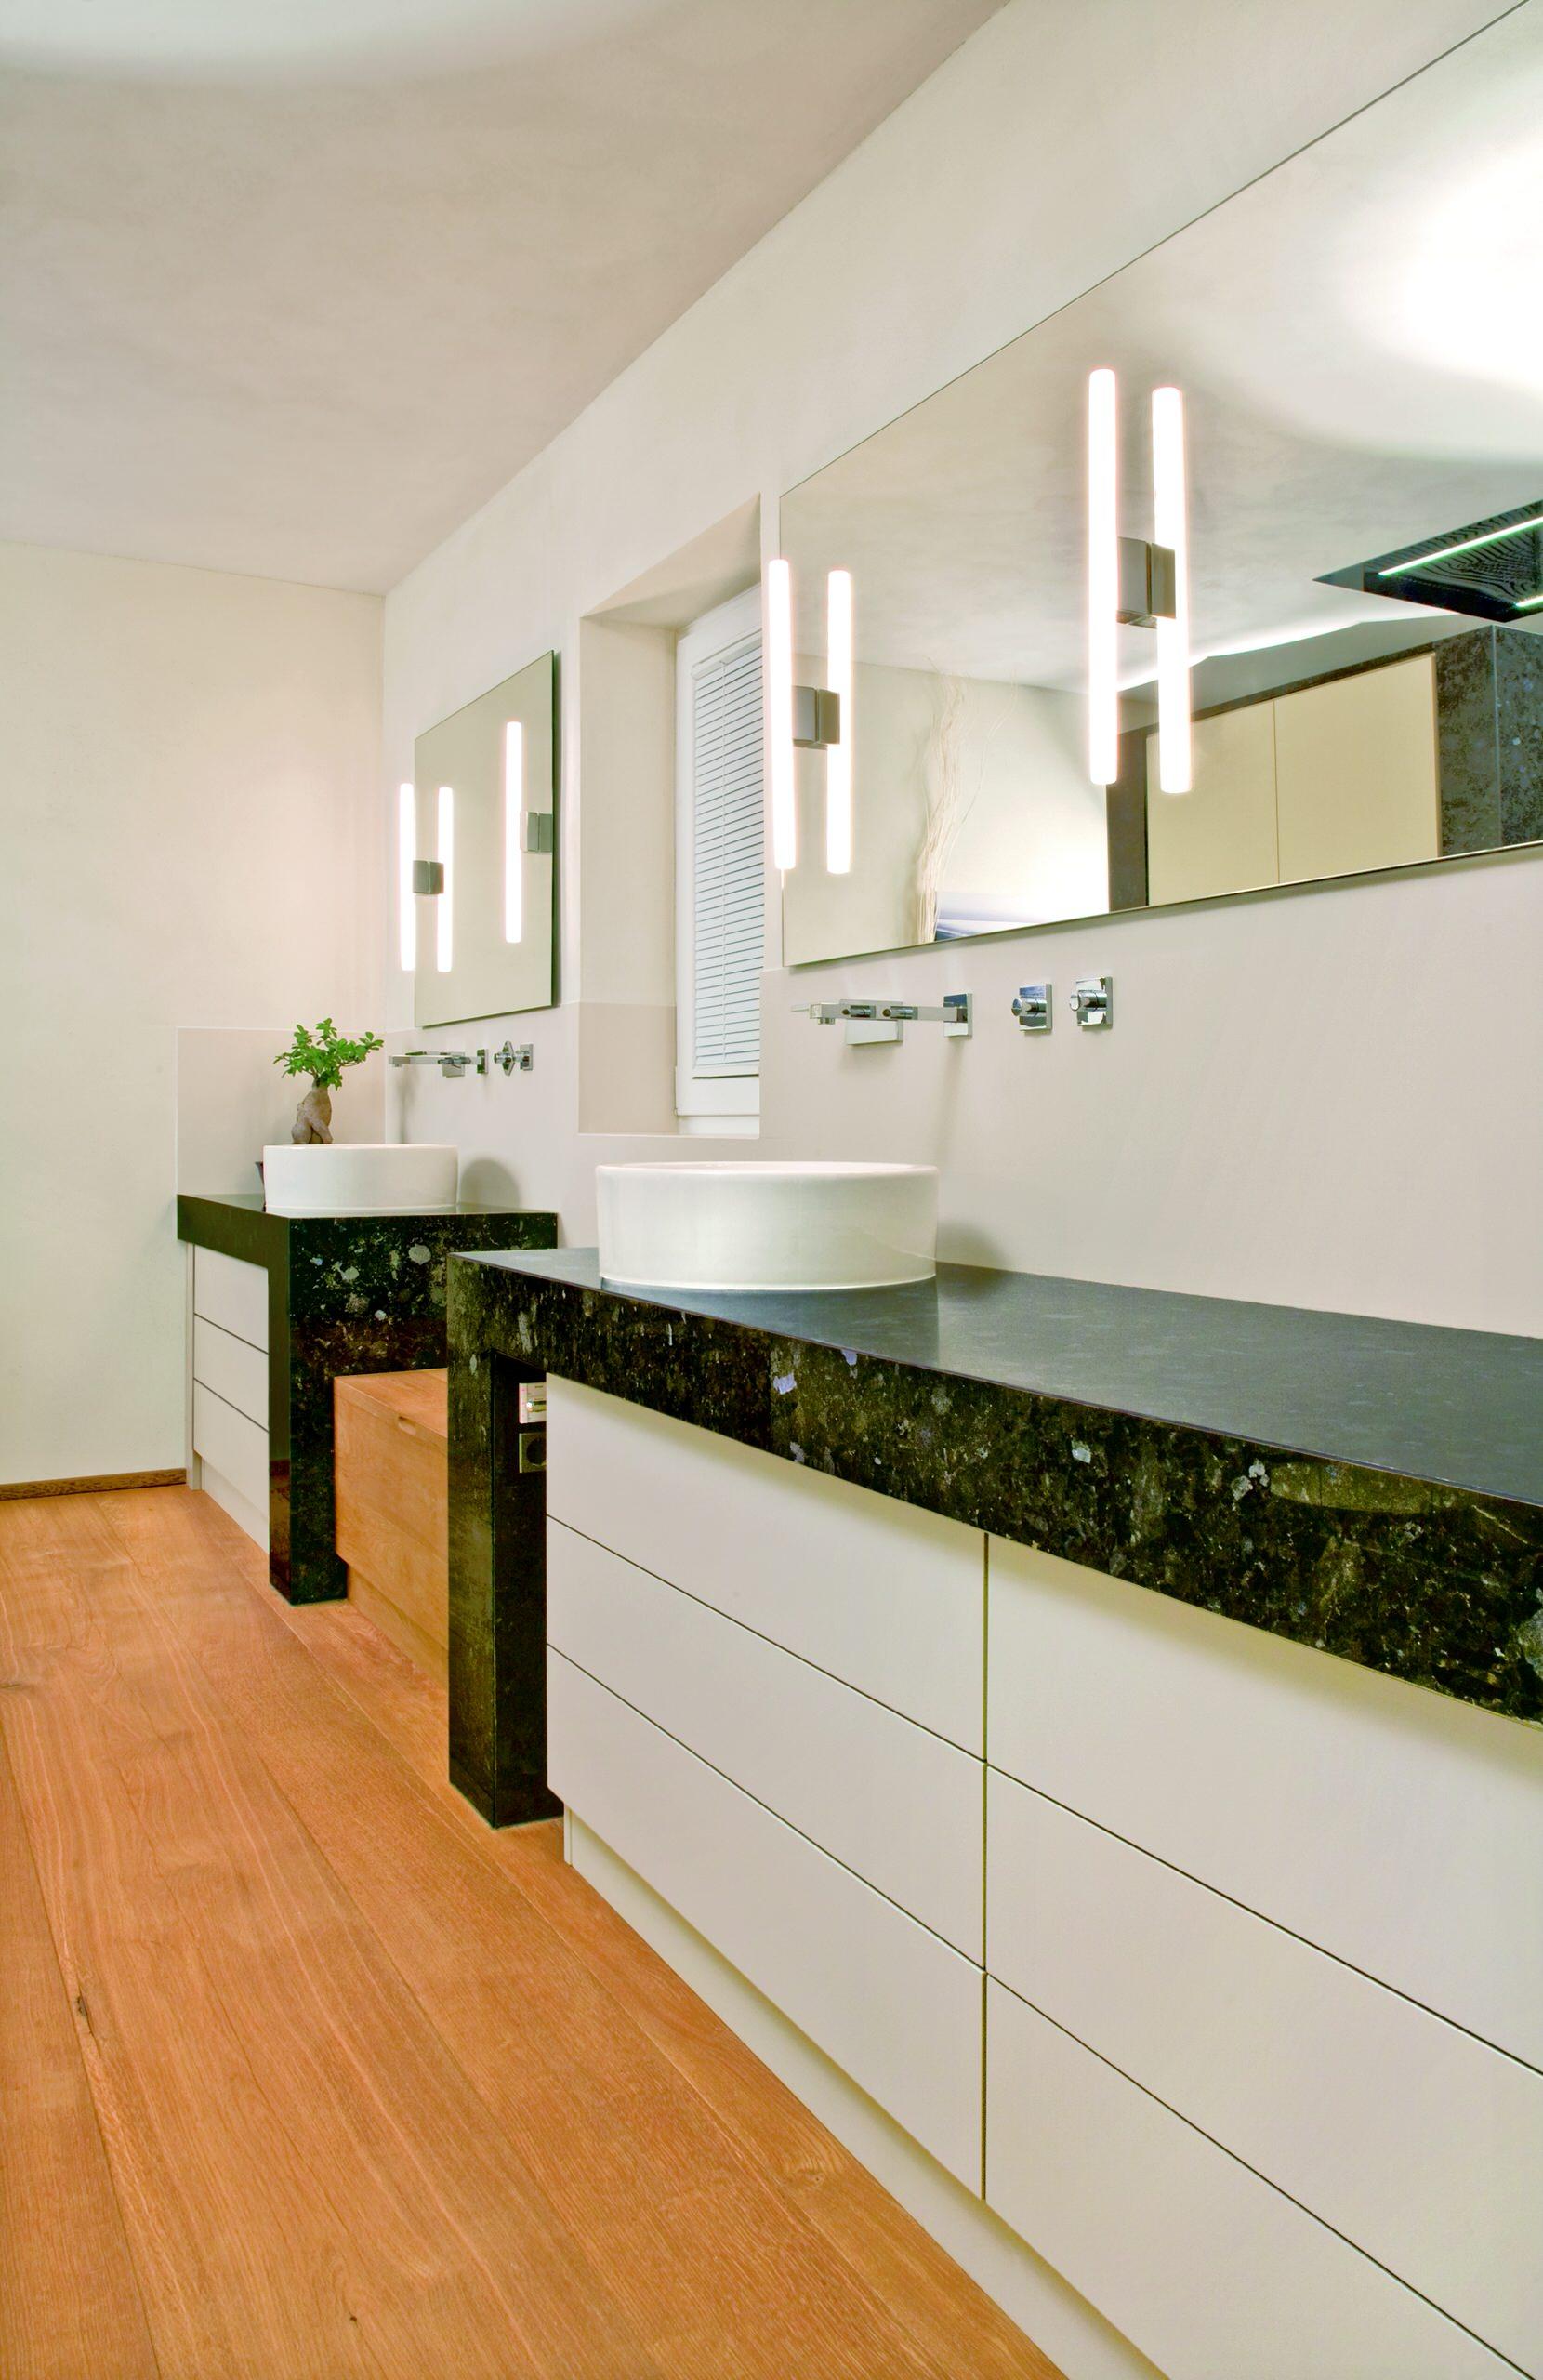 Waschtischeinbauten in einem modernen Bad, kombination aus Granit, Eiche Massivholz und Lackfronten